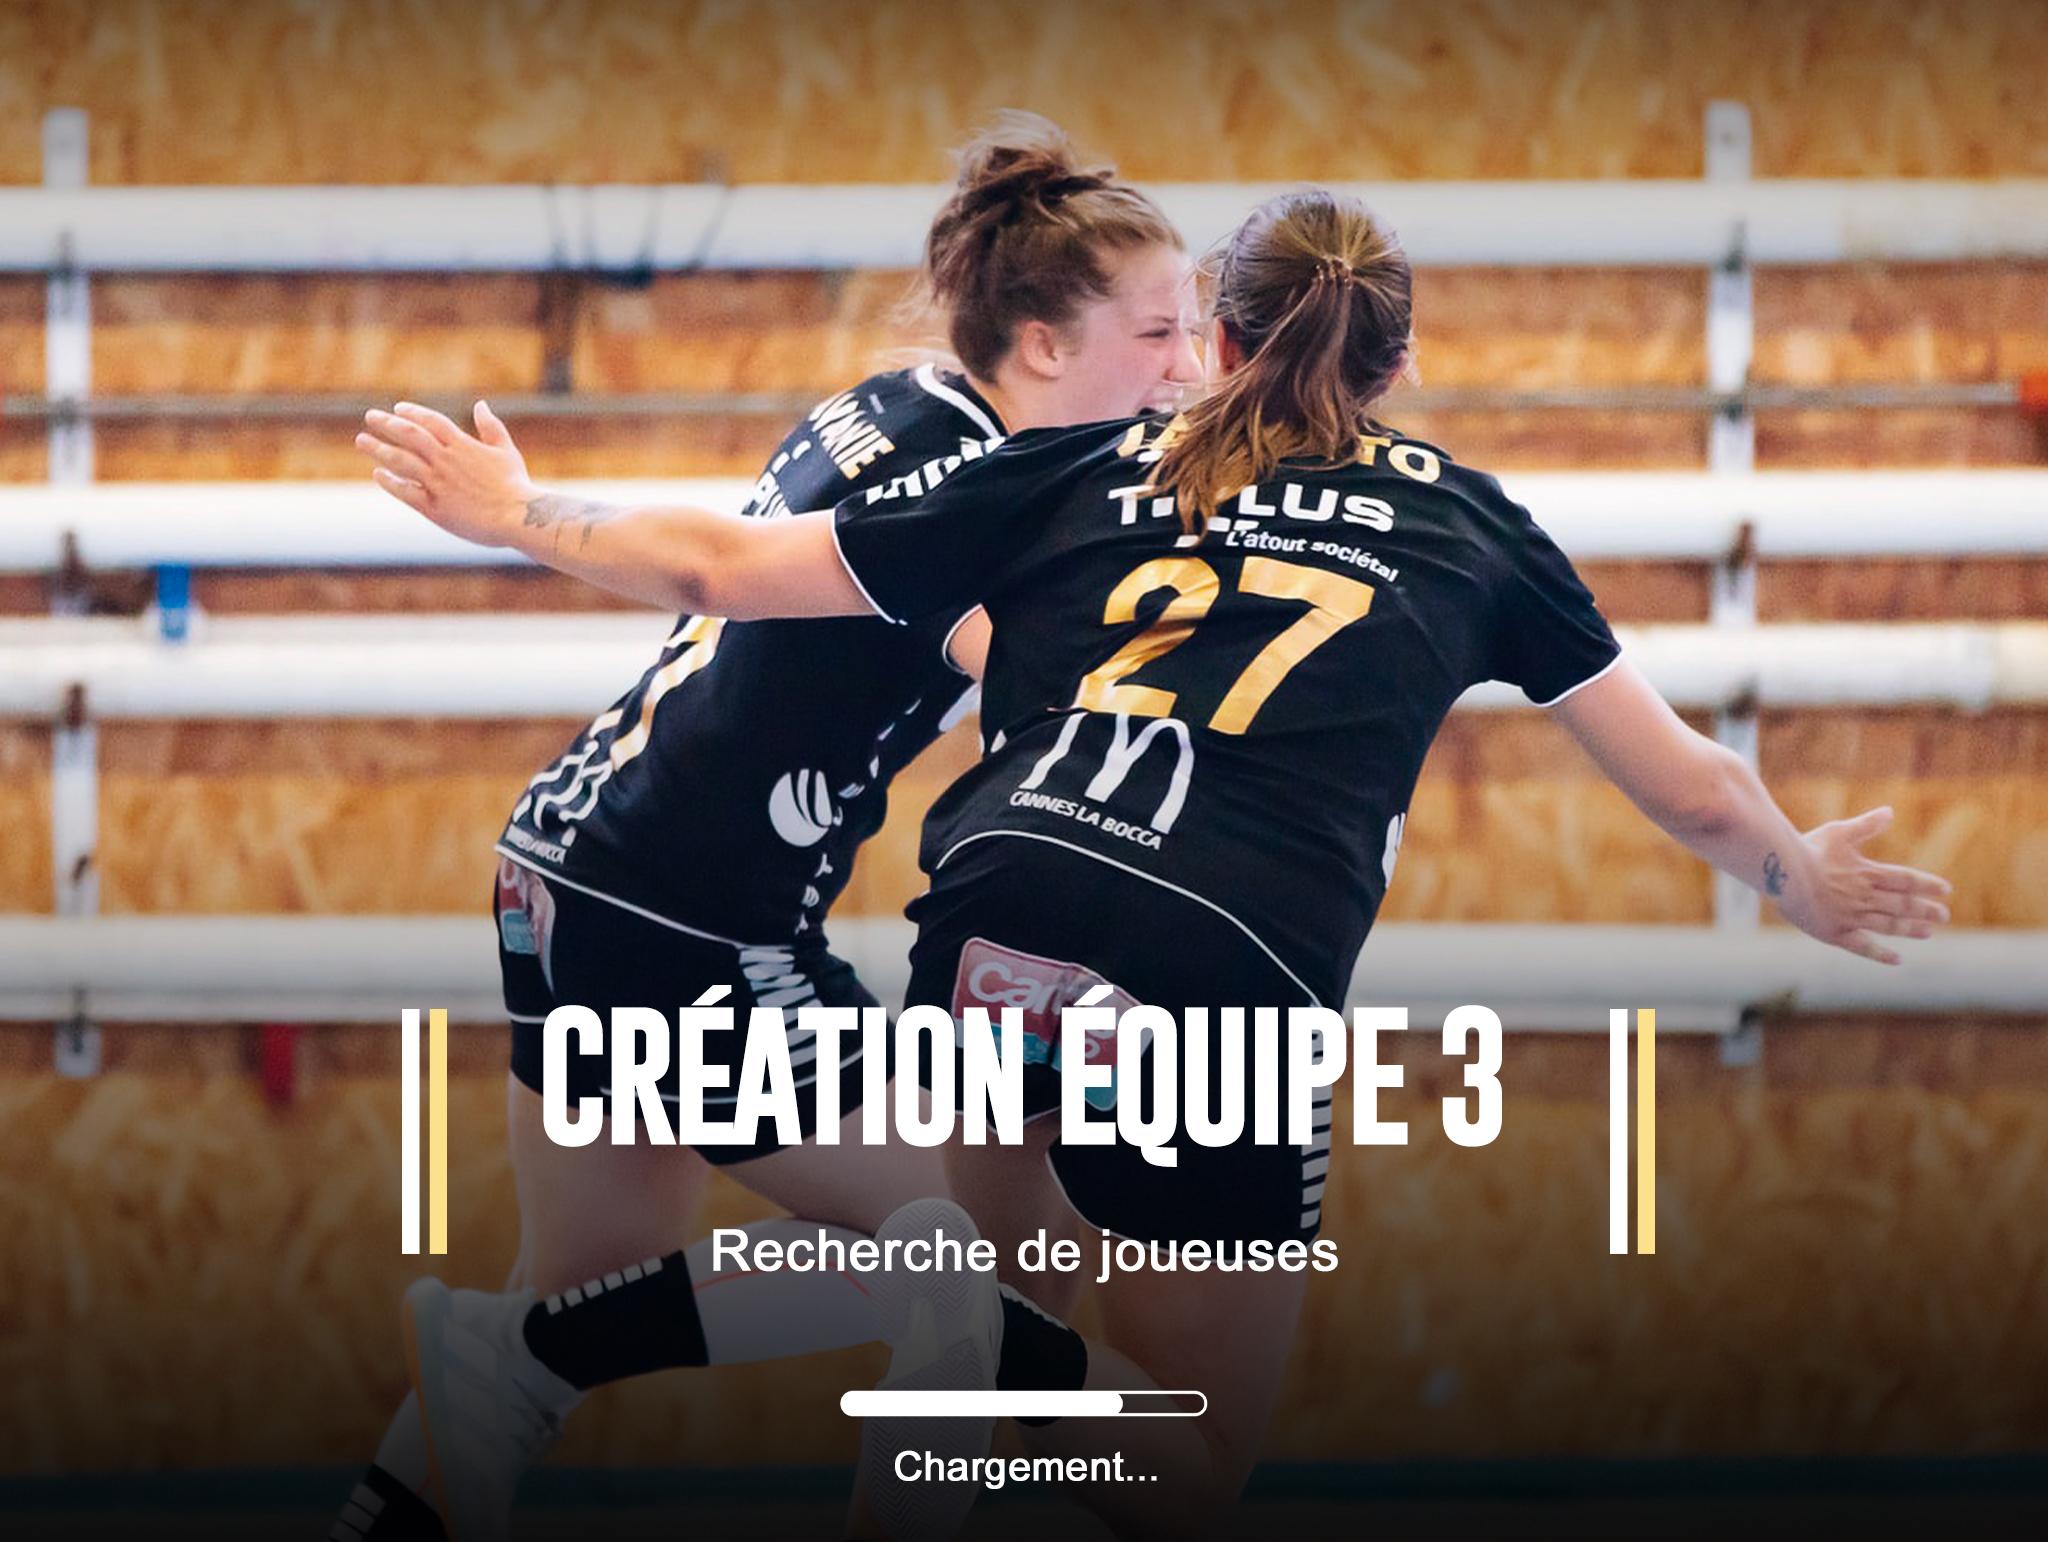 CRÉATION ÉQUIPE 3